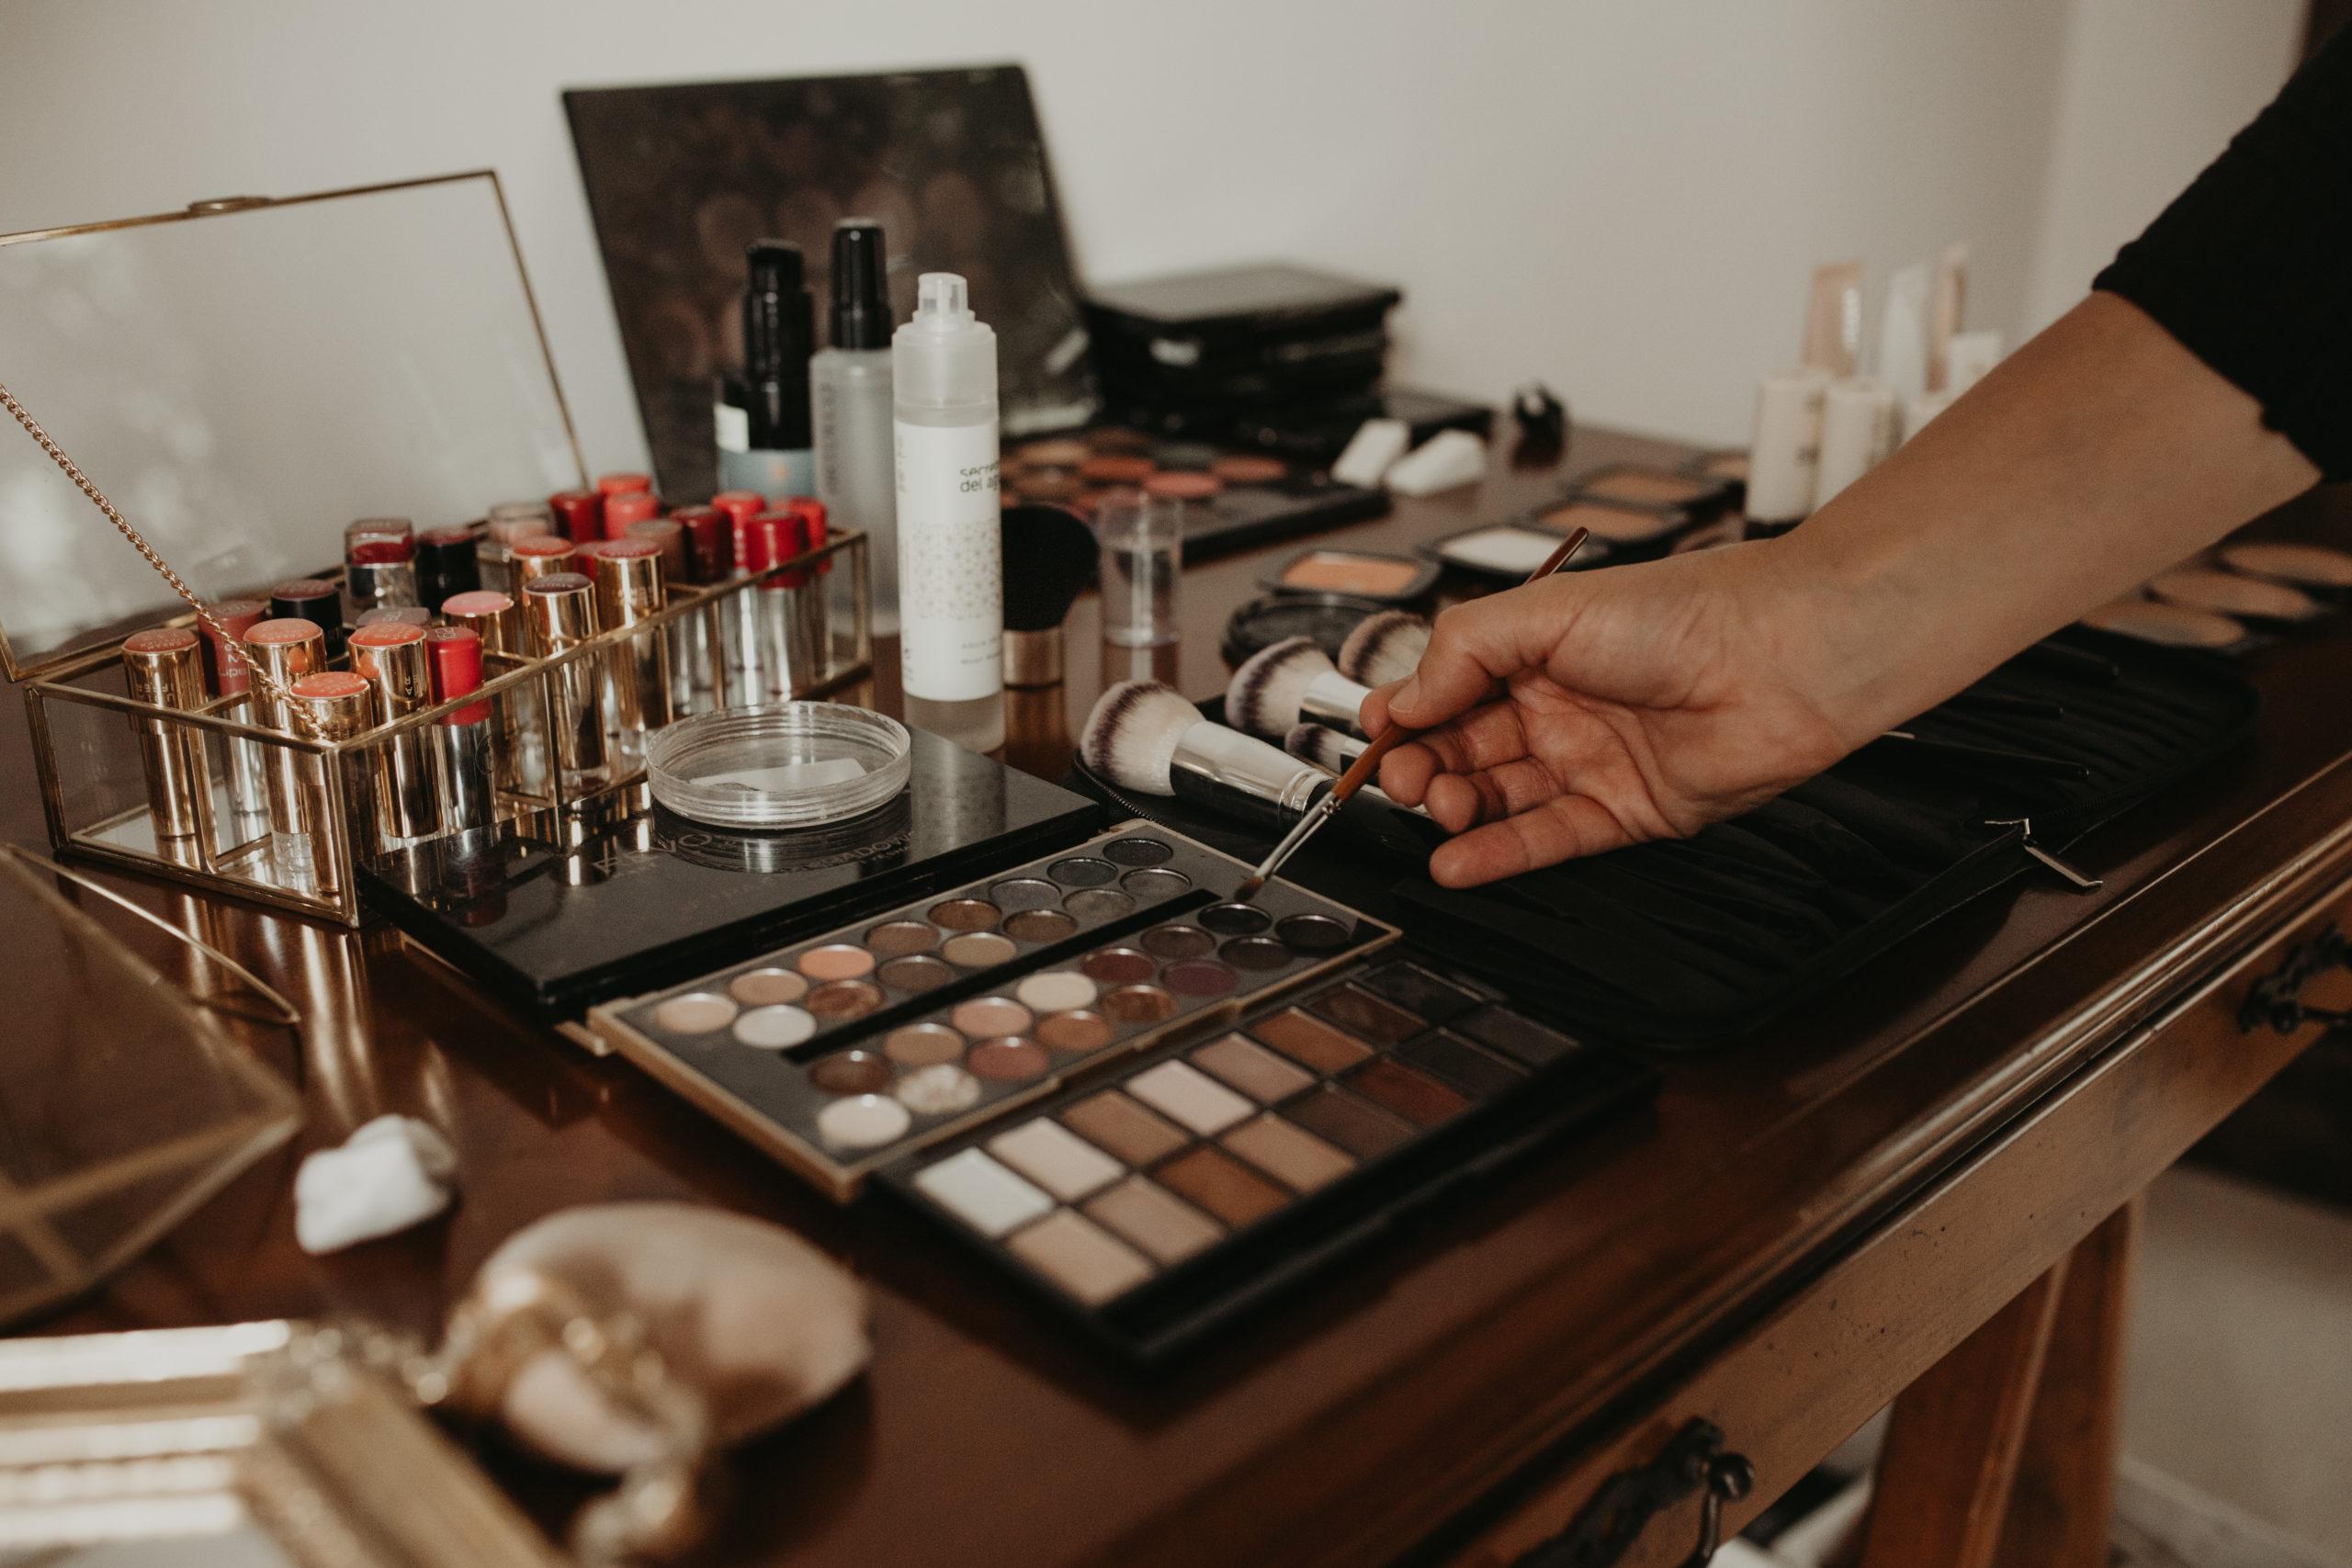 Paleta de maquillaje para bodas